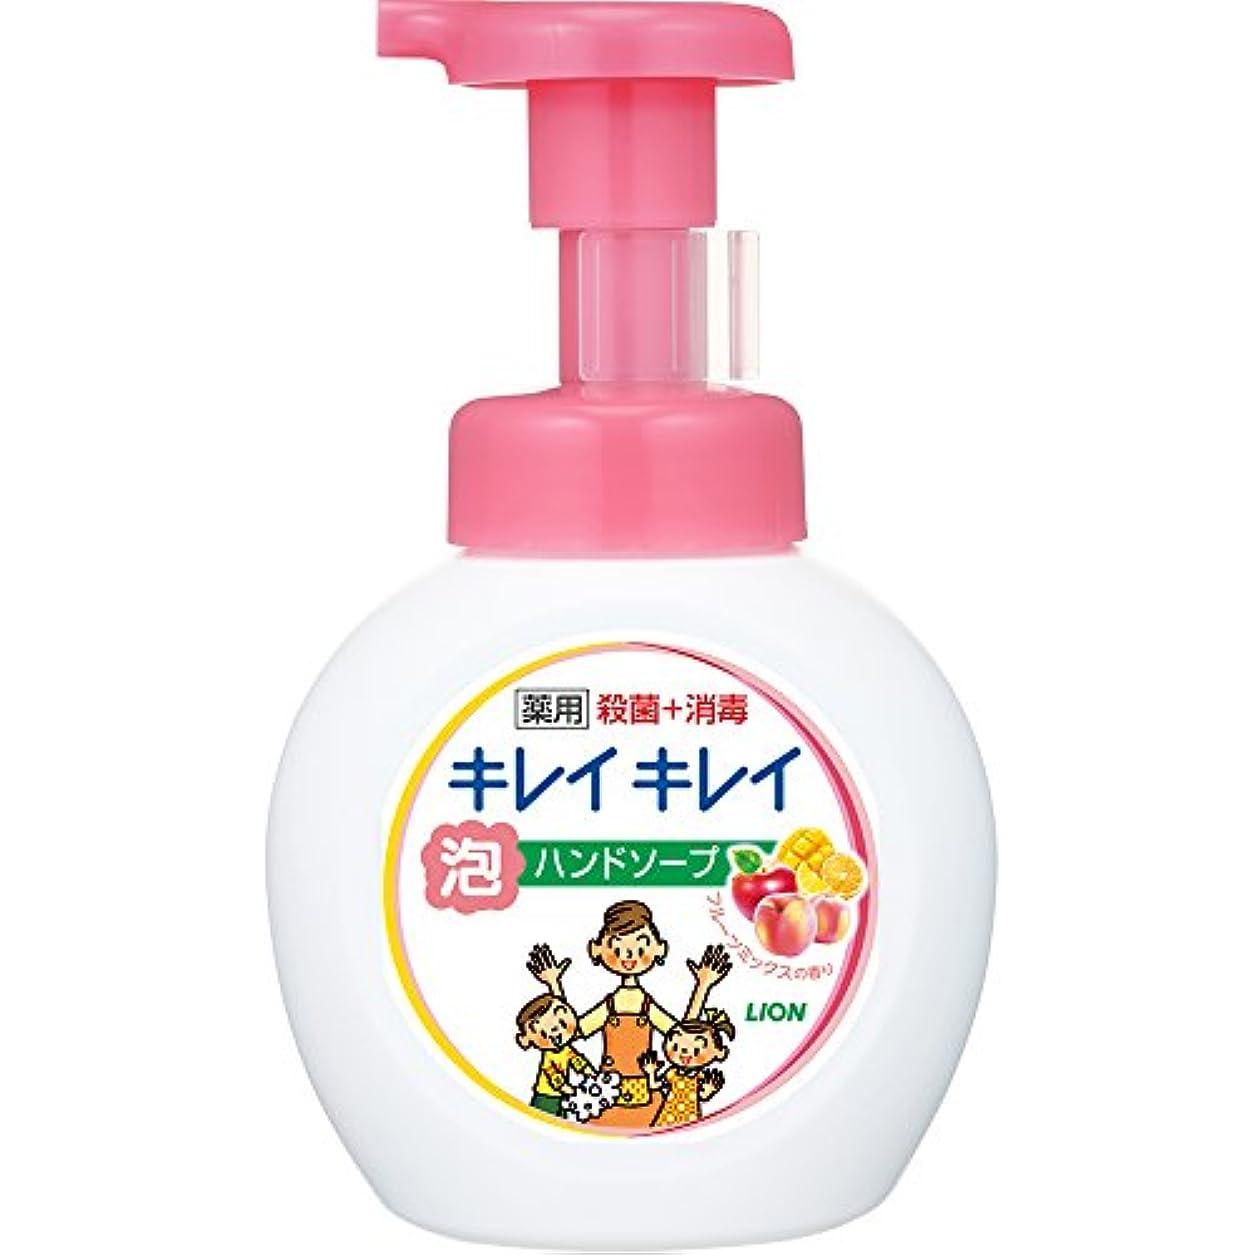 カセット満足させる降伏キレイキレイ 薬用 泡ハンドソープ フルーツミックスの香り ポンプ 250ml(医薬部外品)